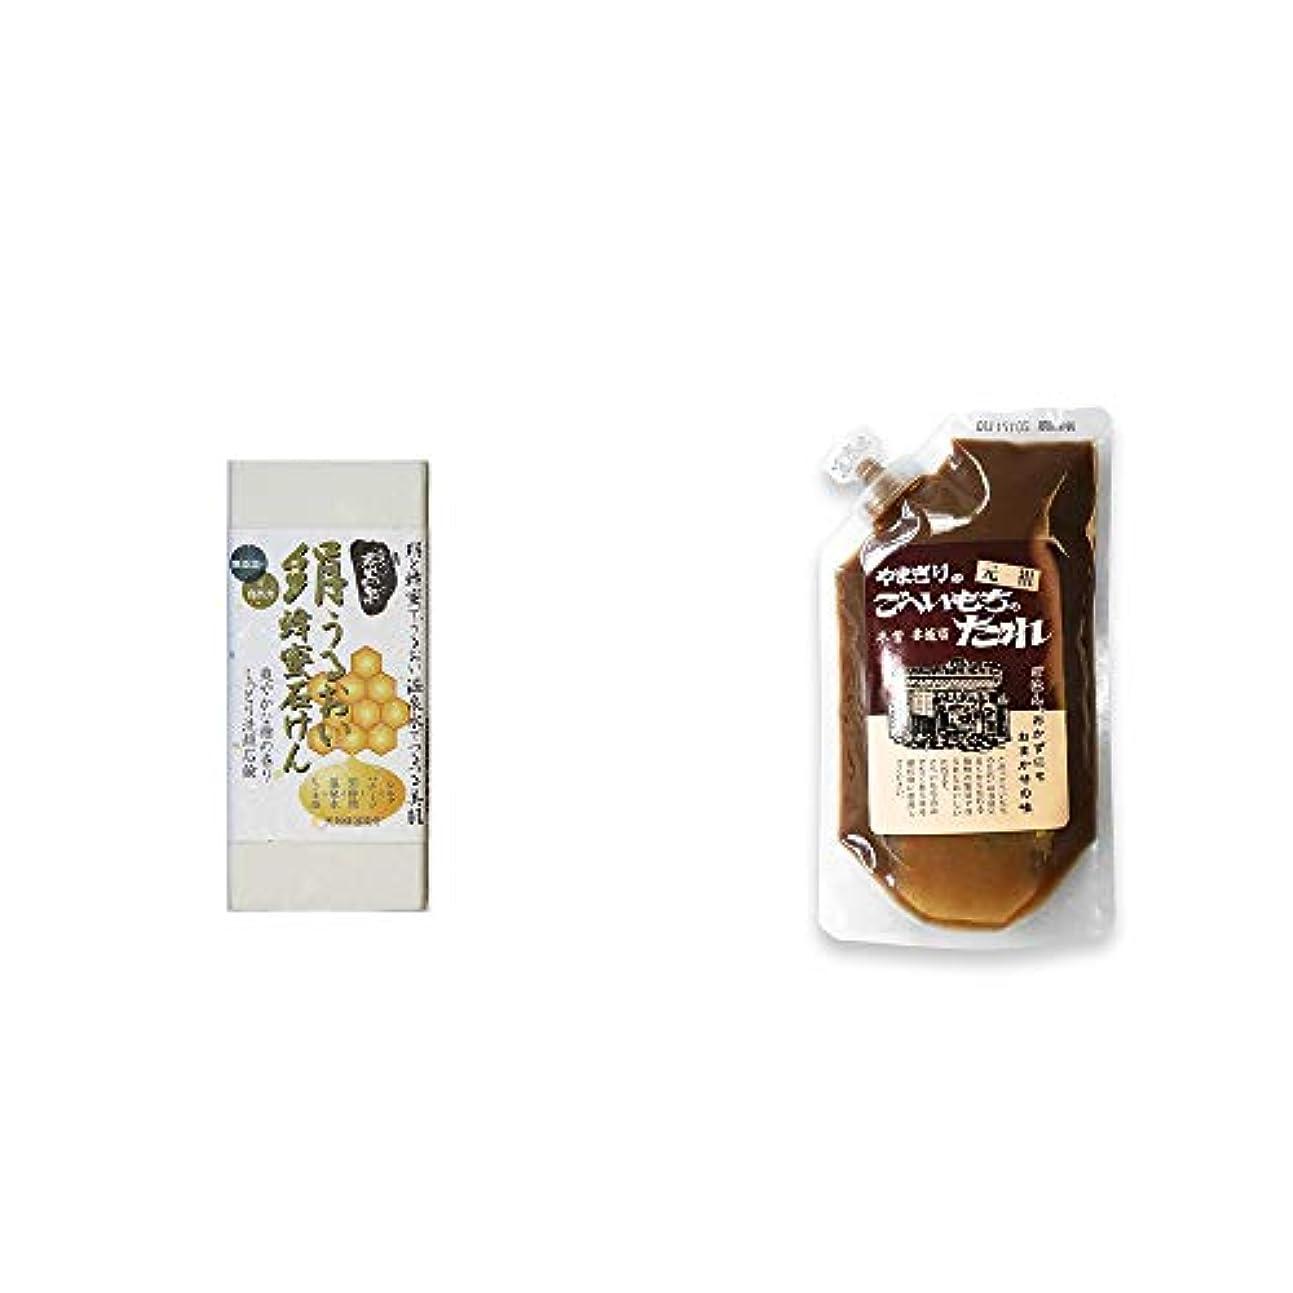 全能フェードアウト普及[2点セット] ひのき炭黒泉 絹うるおい蜂蜜石けん(75g×2)?妻籠宿 やまぎり食堂 ごへい餅のたれ(250g)